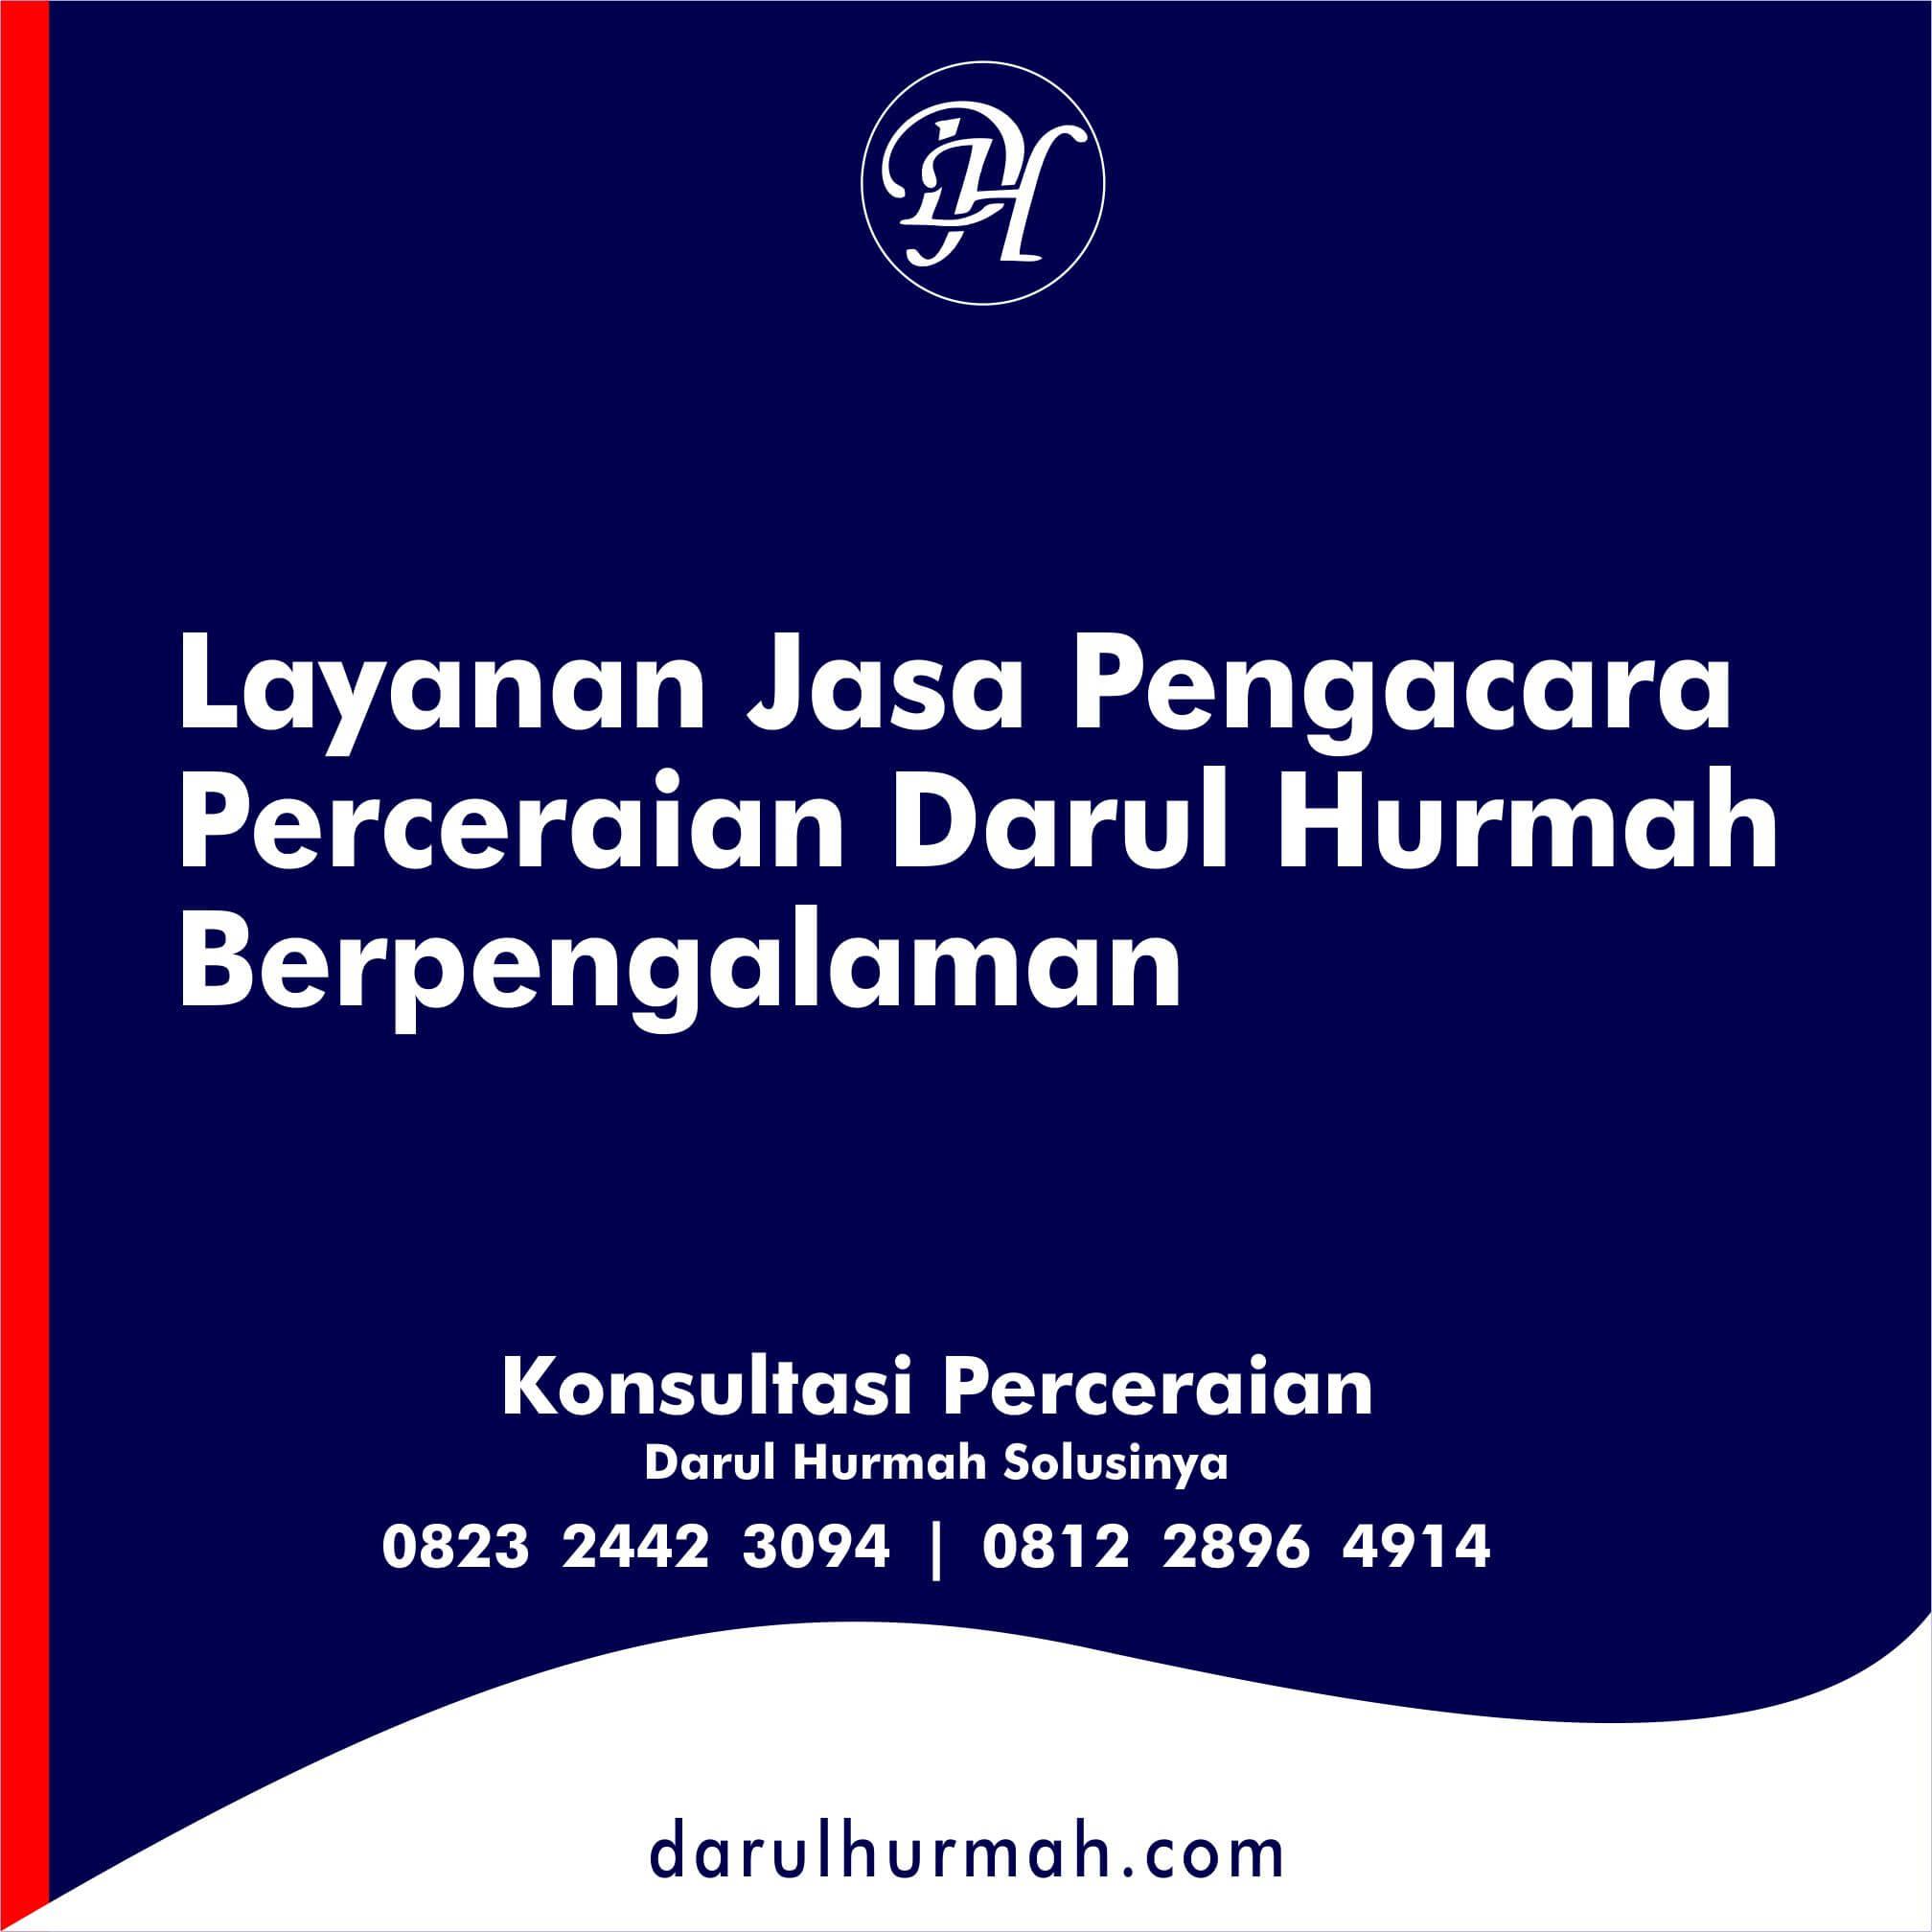 26. Layanan Jasa Pengacara Perceraian Darul Hurmah Berpengalaman